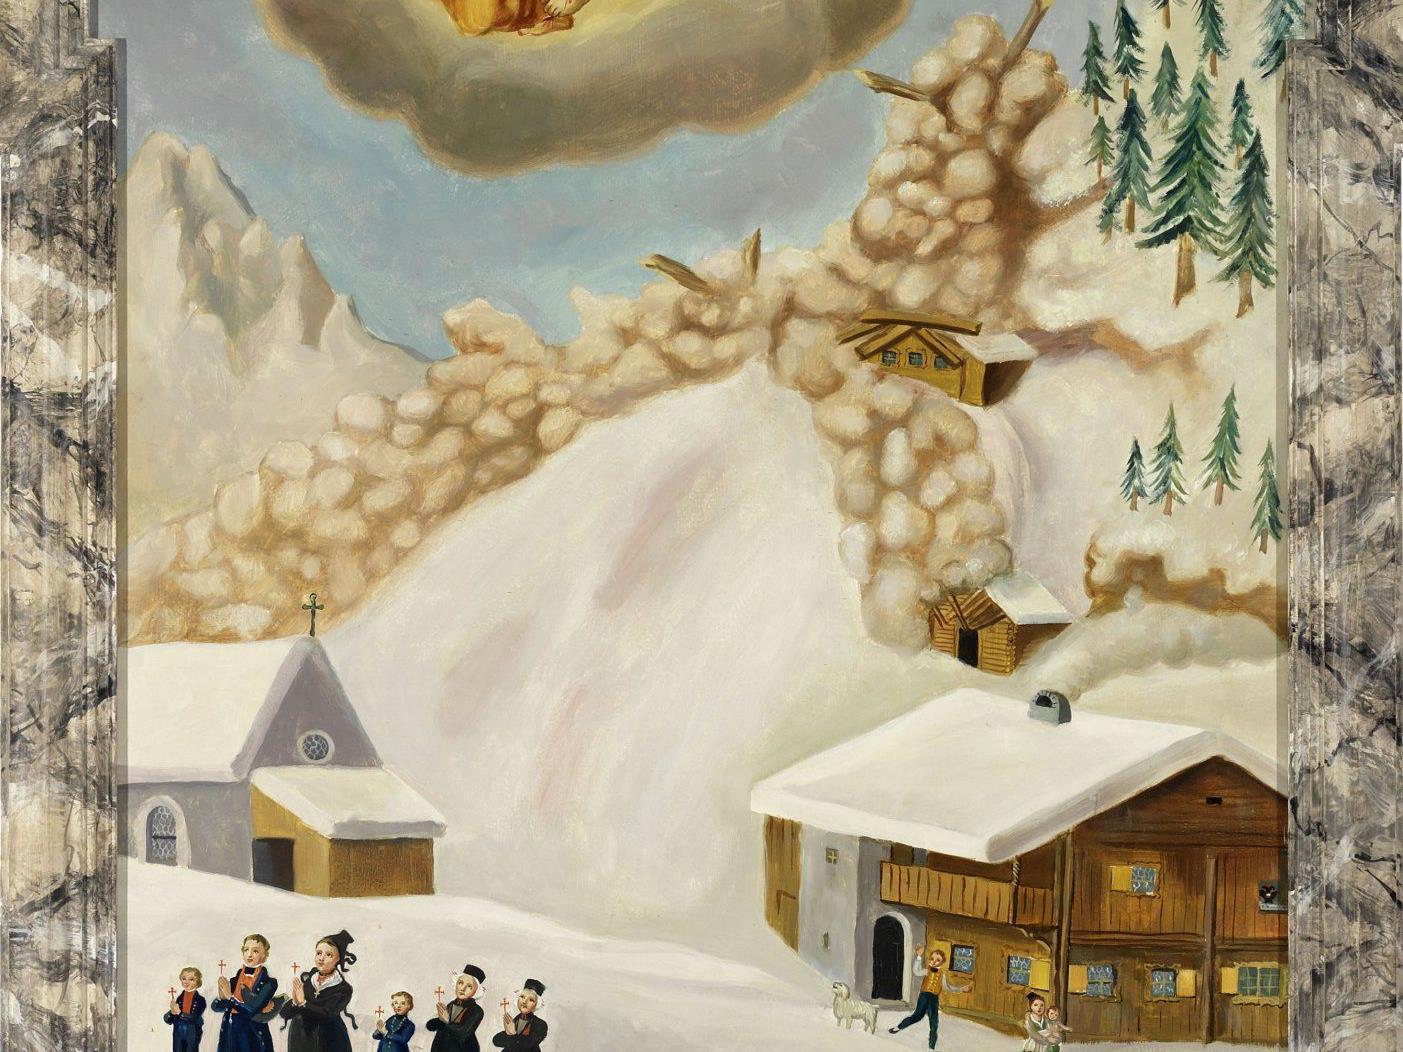 Um die Geschichte dieses Votivbild aus dem Jahr 1817 geht es beim Vortrag von Andreas Rudigier.